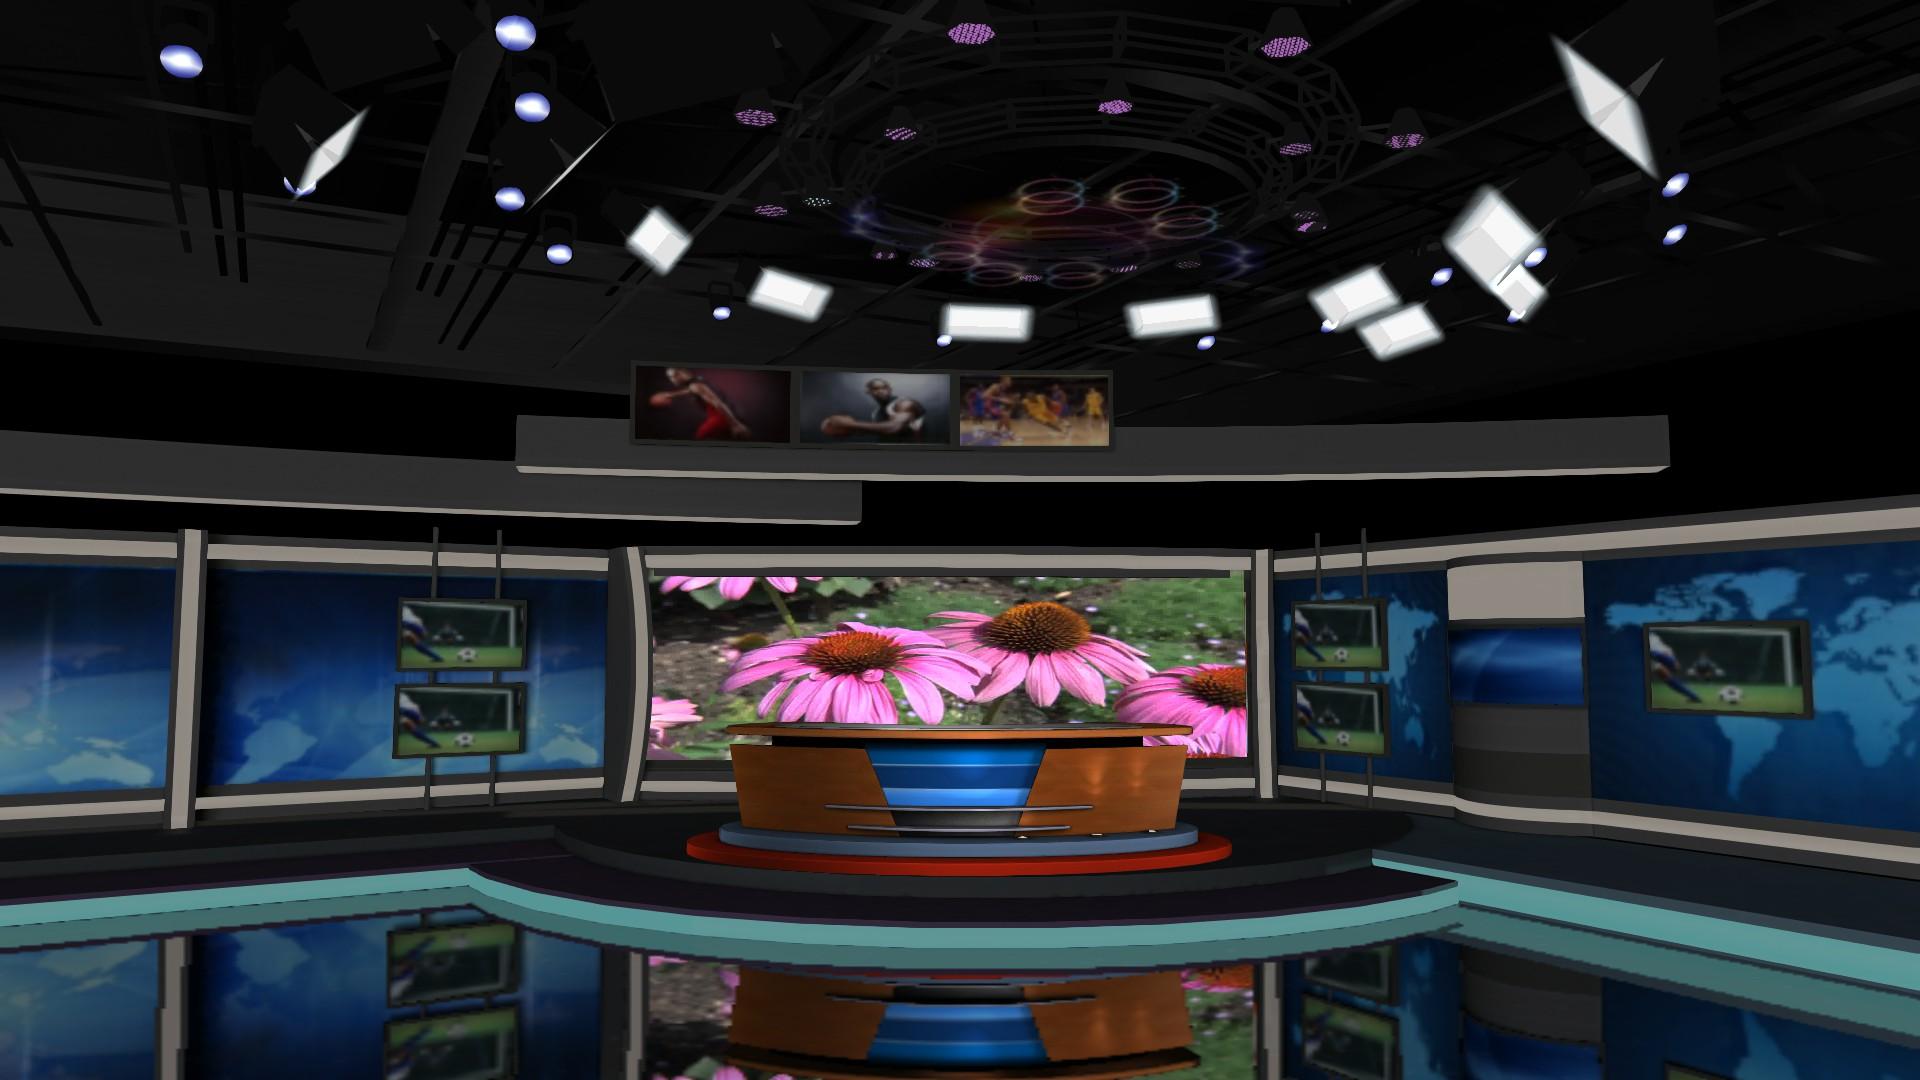 双重屏幕新闻联播主题